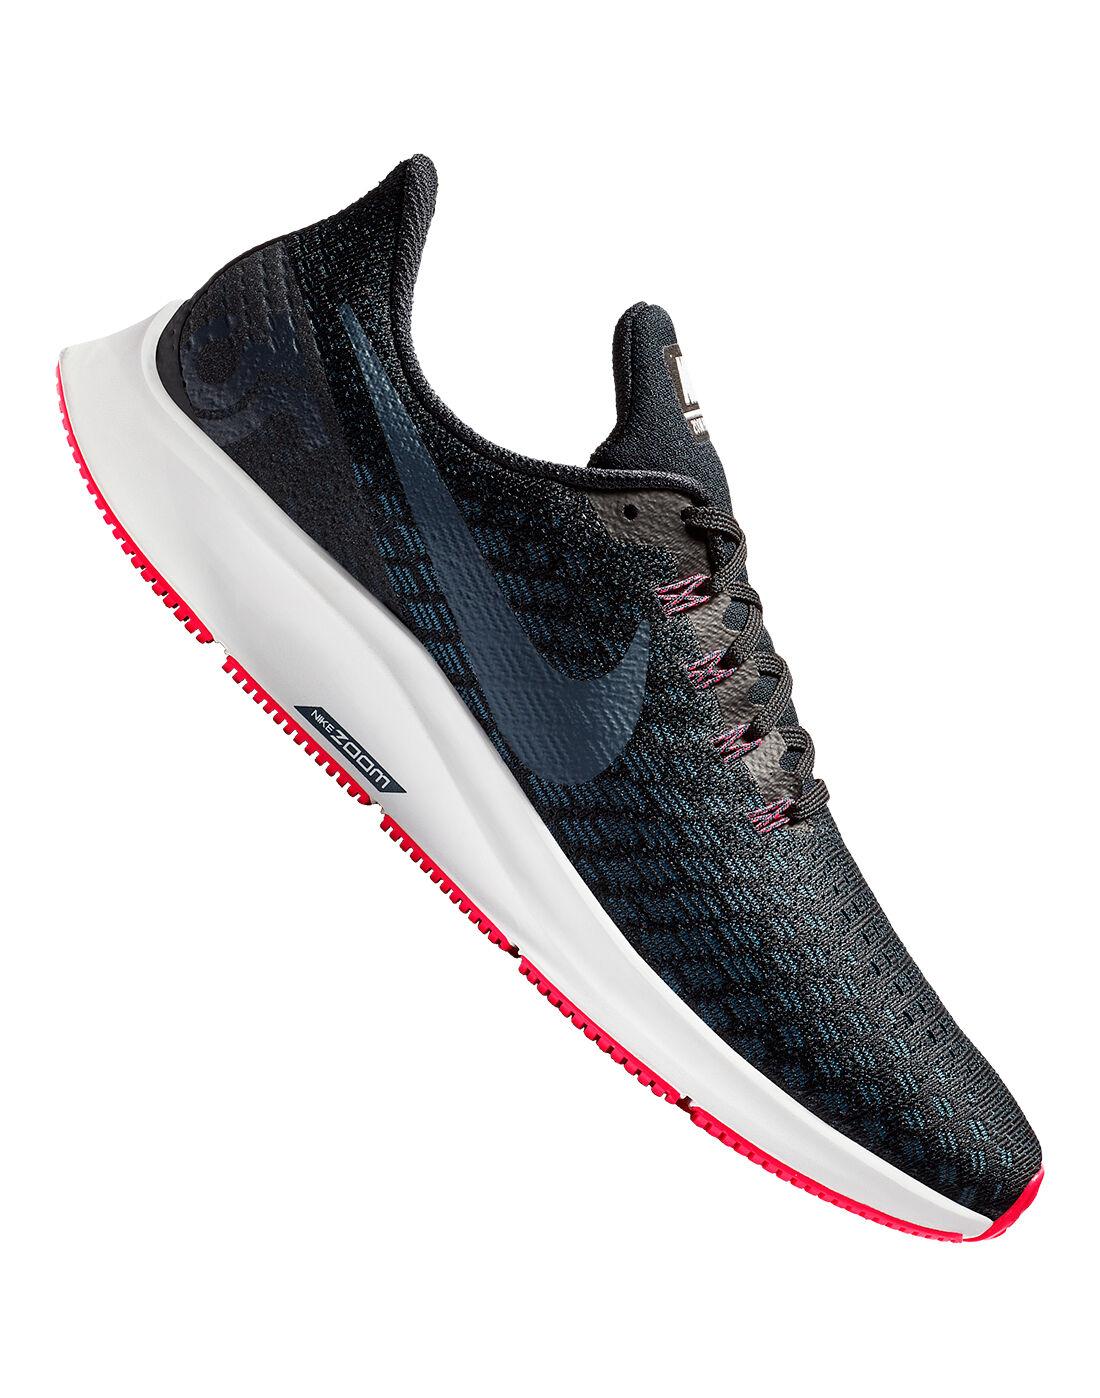 Men's Black \u0026 Red Nike Pegasus 35